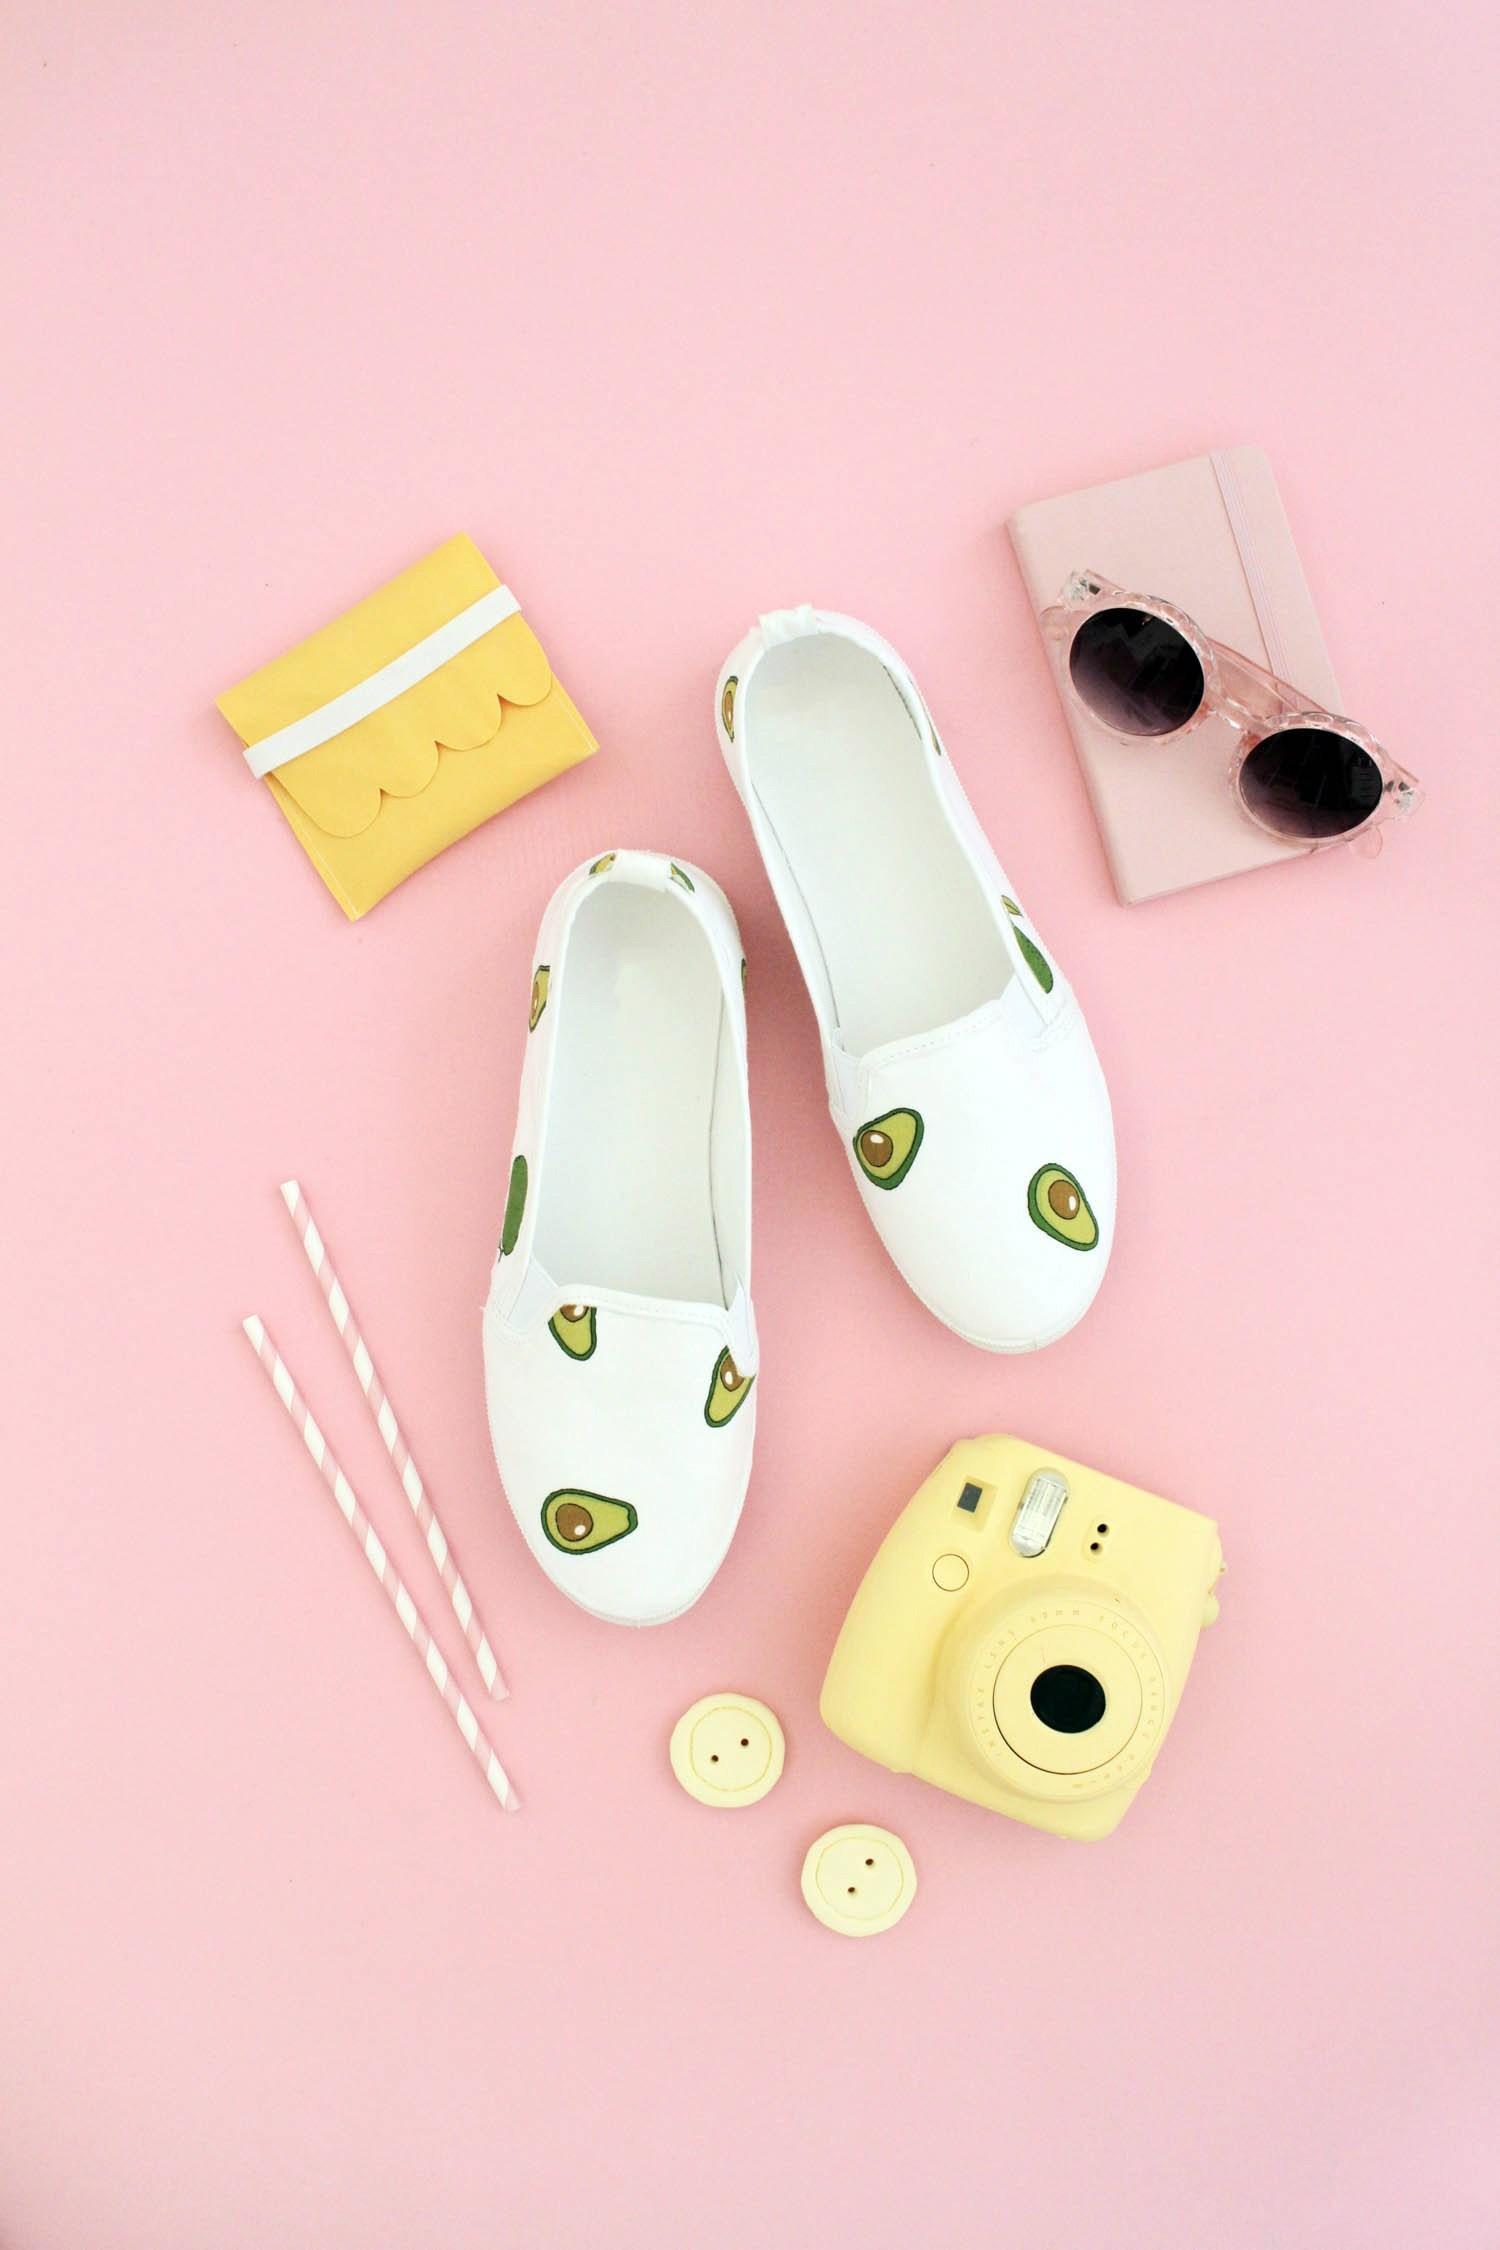 Makerist-Basteln-mit-Kindern-50-DIY-Projekte-Schuhe-mit-Stoff-bekleben